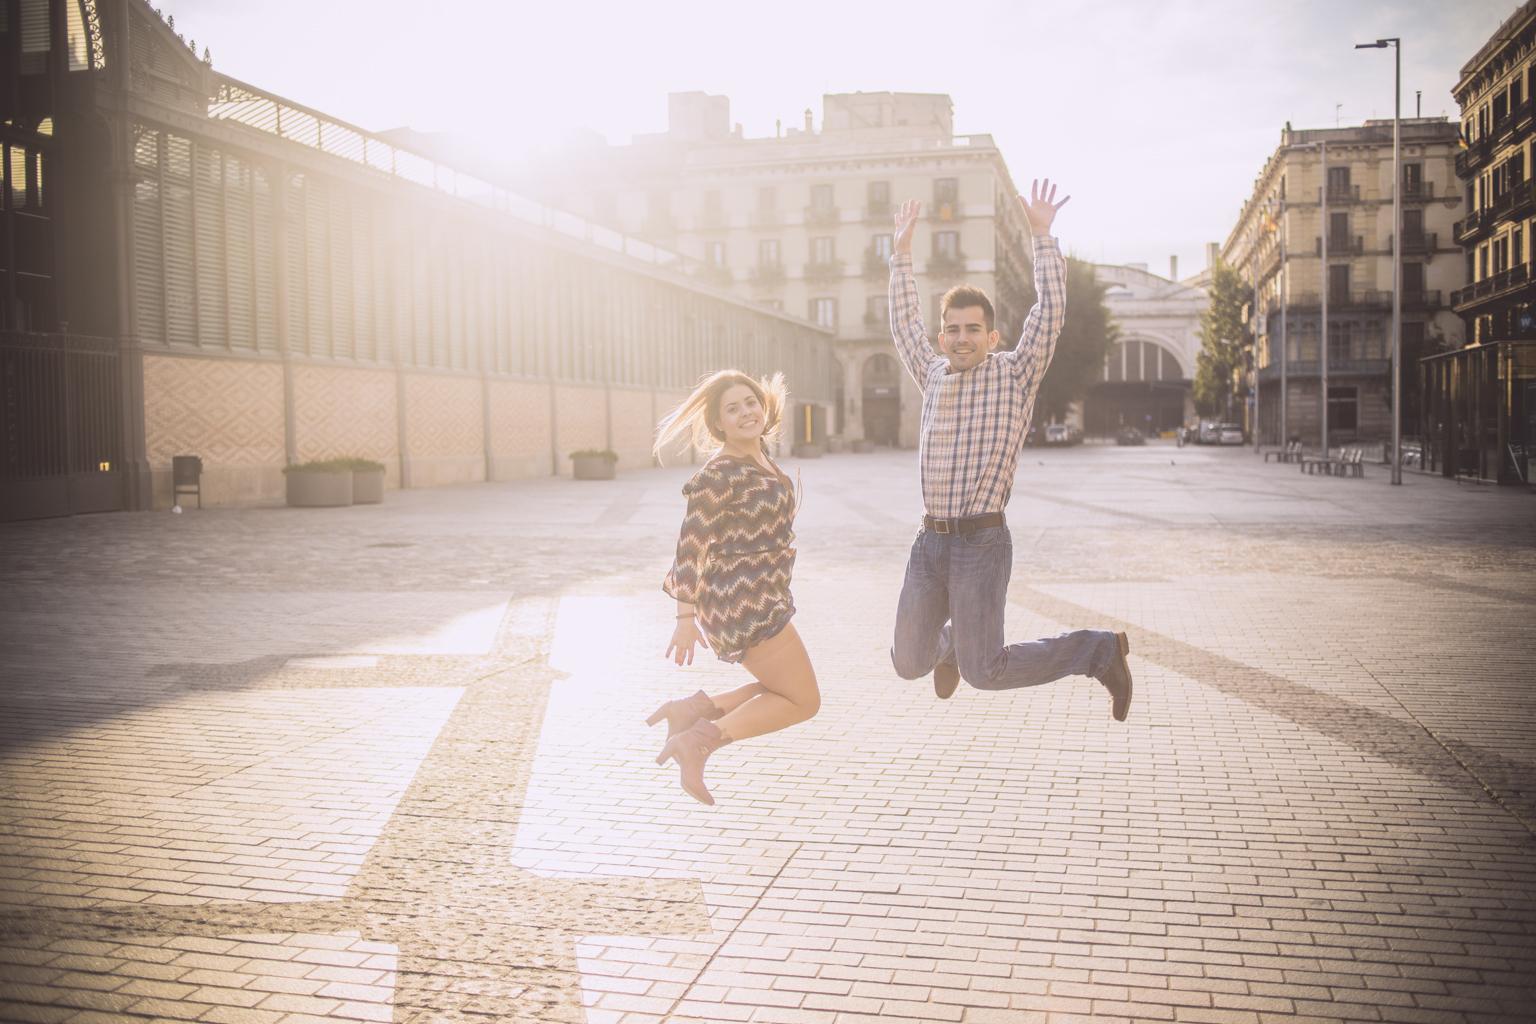 fotografo_pareja_barcelona-16